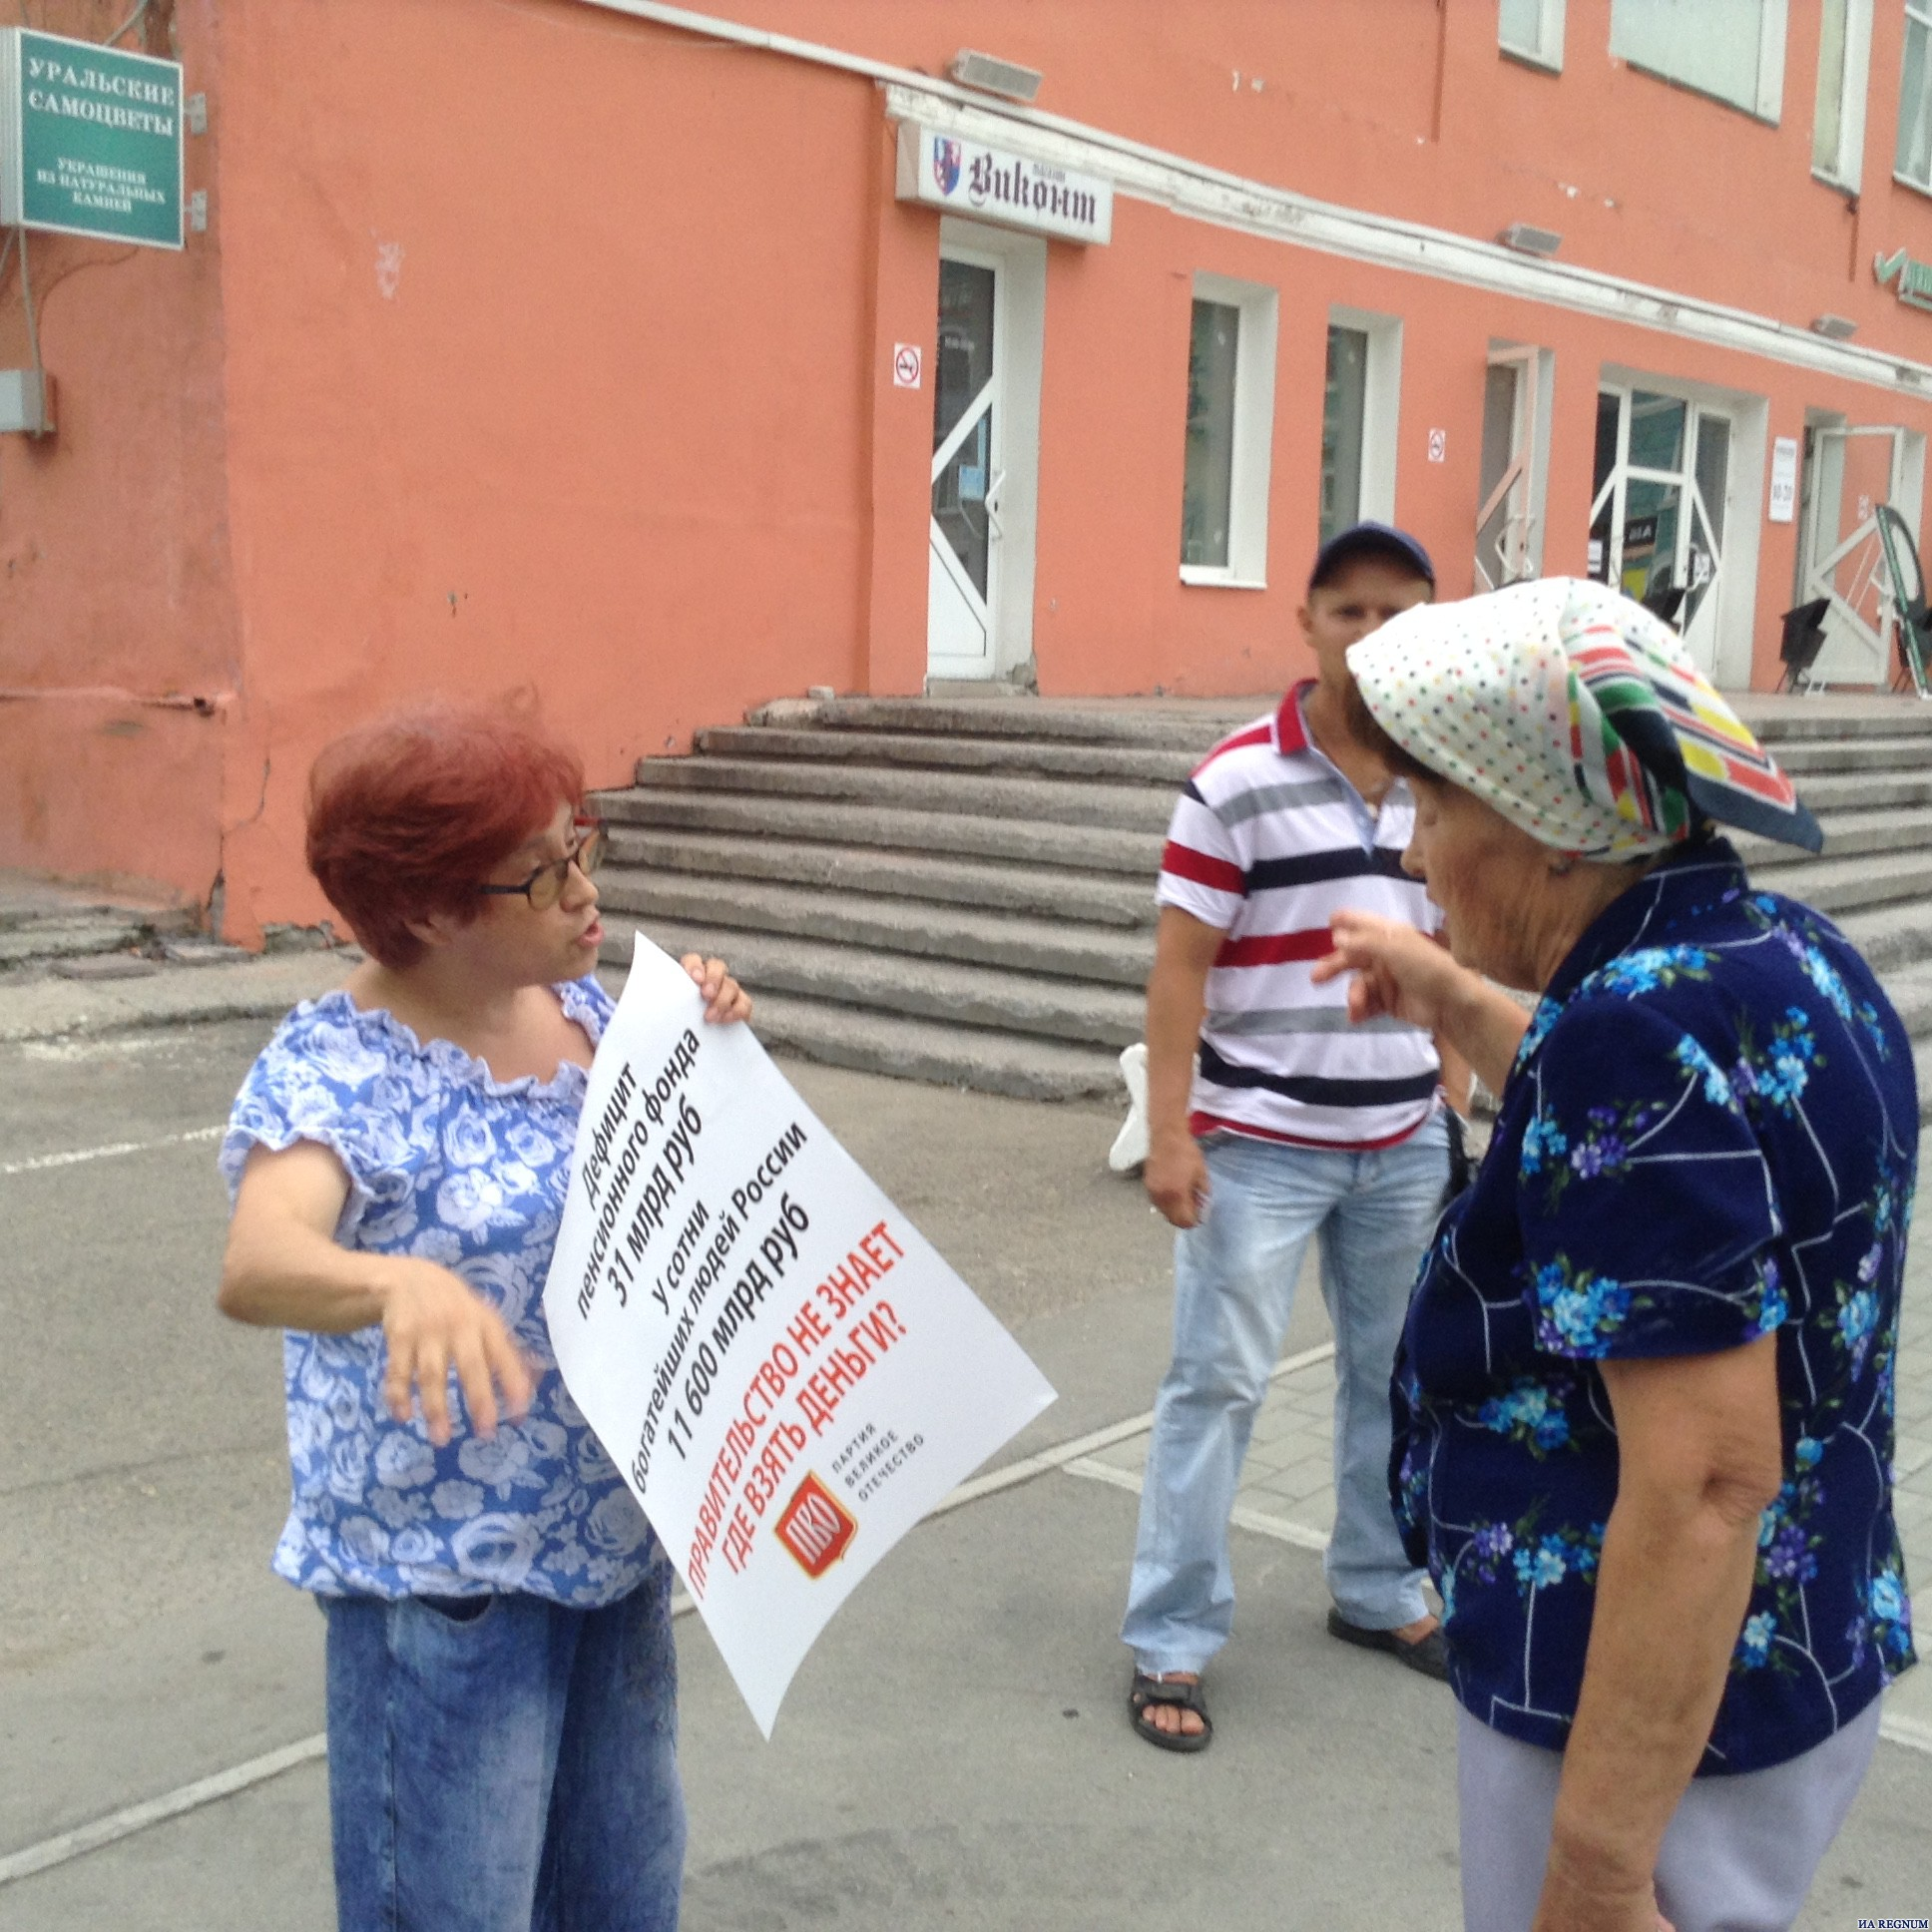 митинг против повышения пенсионного возраста (Барнаул)